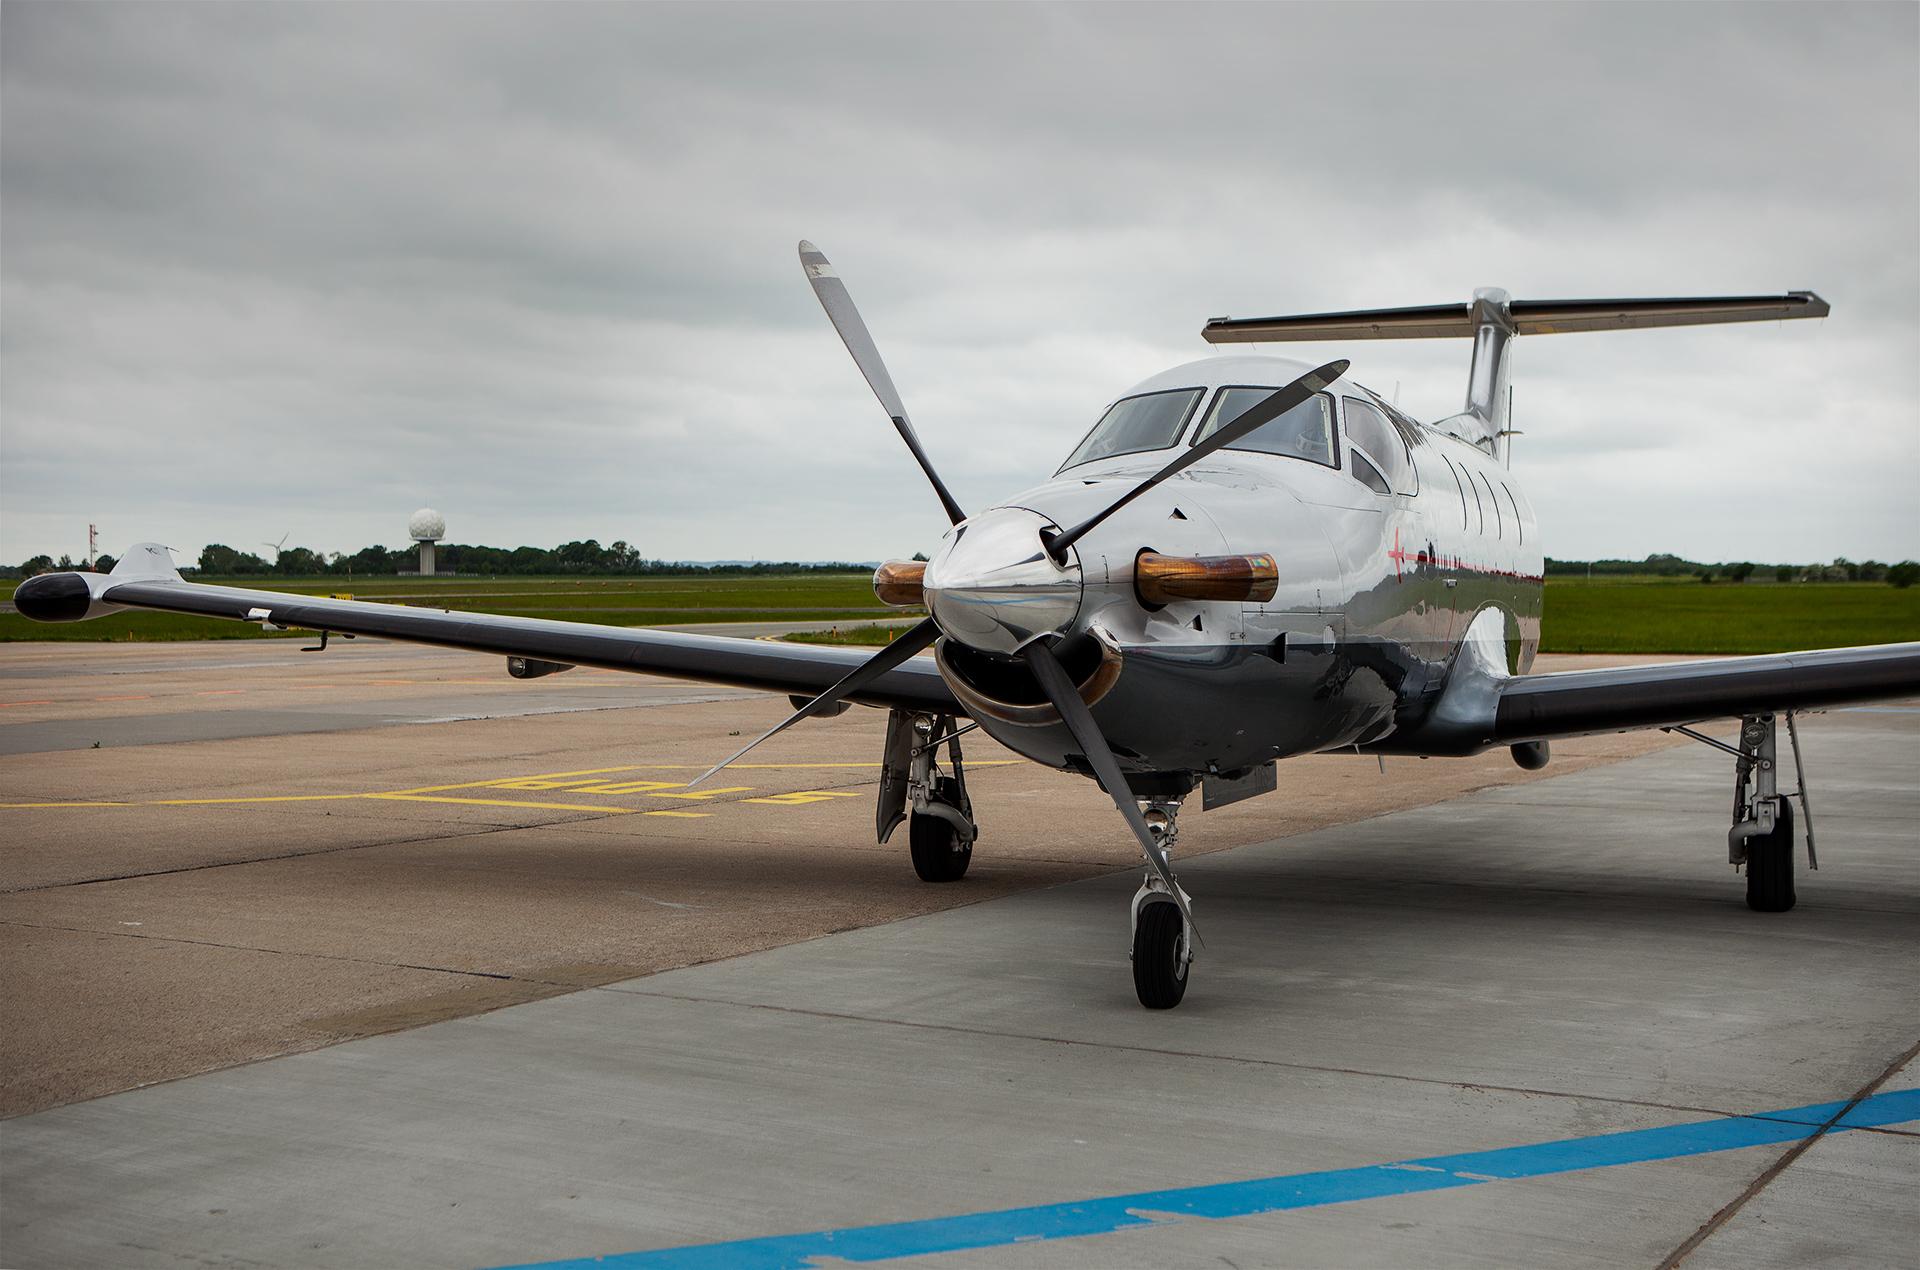 Copenhagen AirTaxi vil flyve med en Pilatus PC-12 fra Roskilde til Herning. Foto: Copenhagen AirTaxi